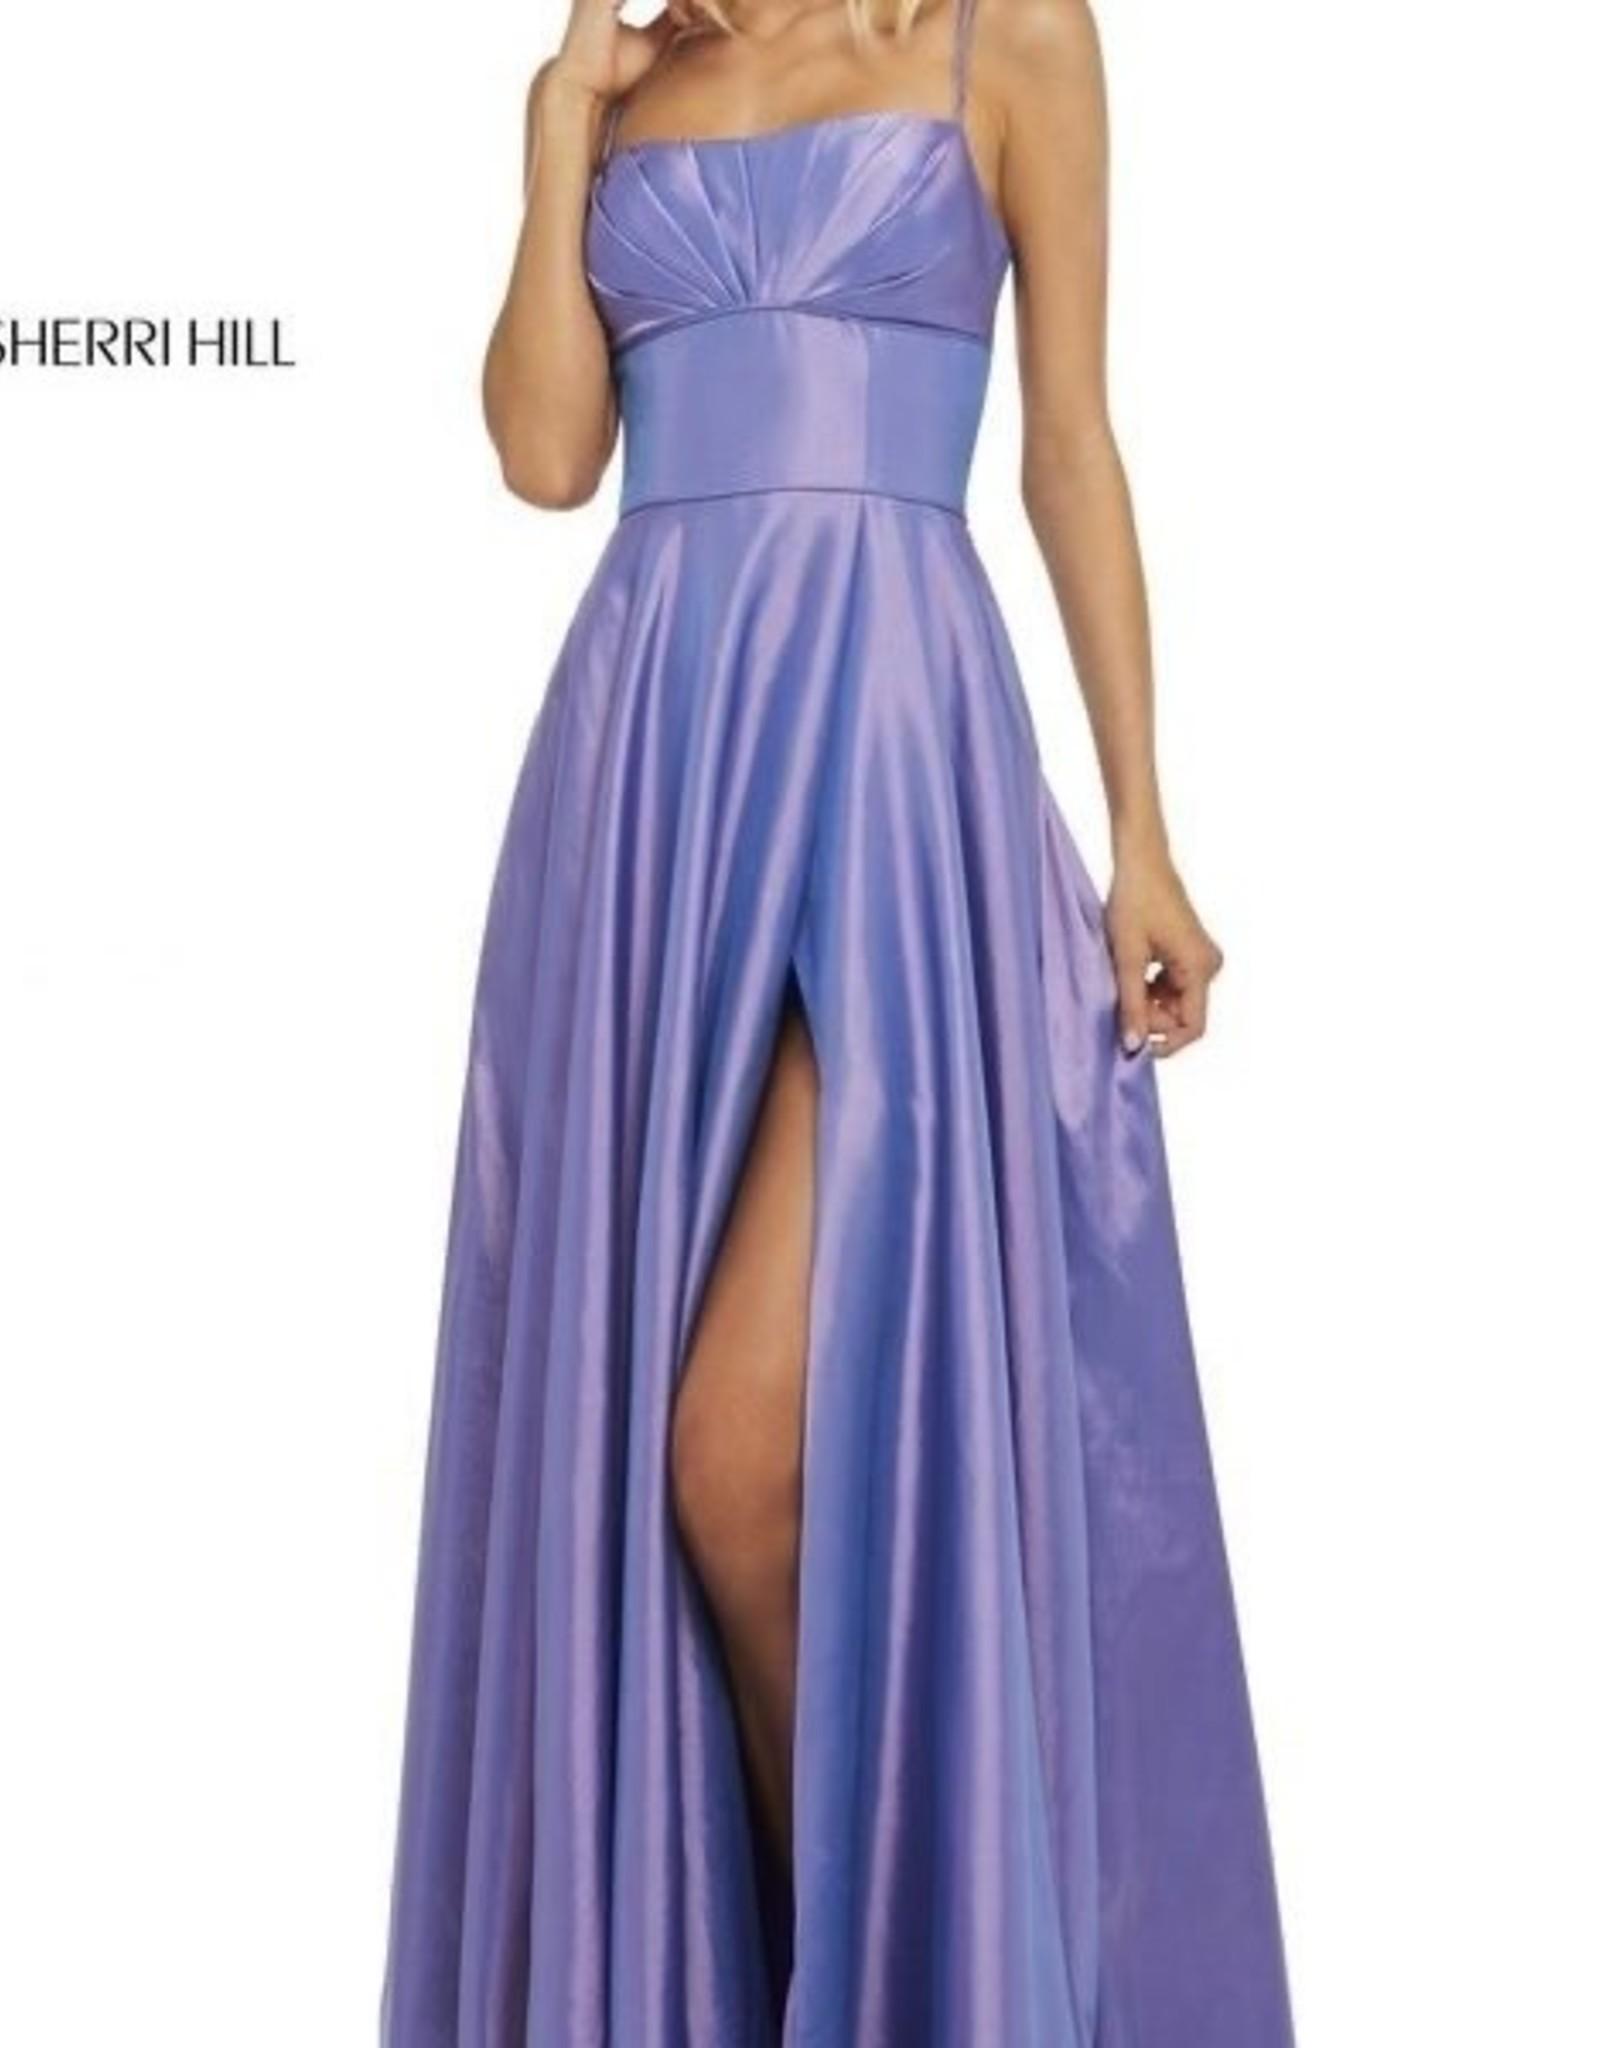 Sherri Hill Sherri Hill Emerald14